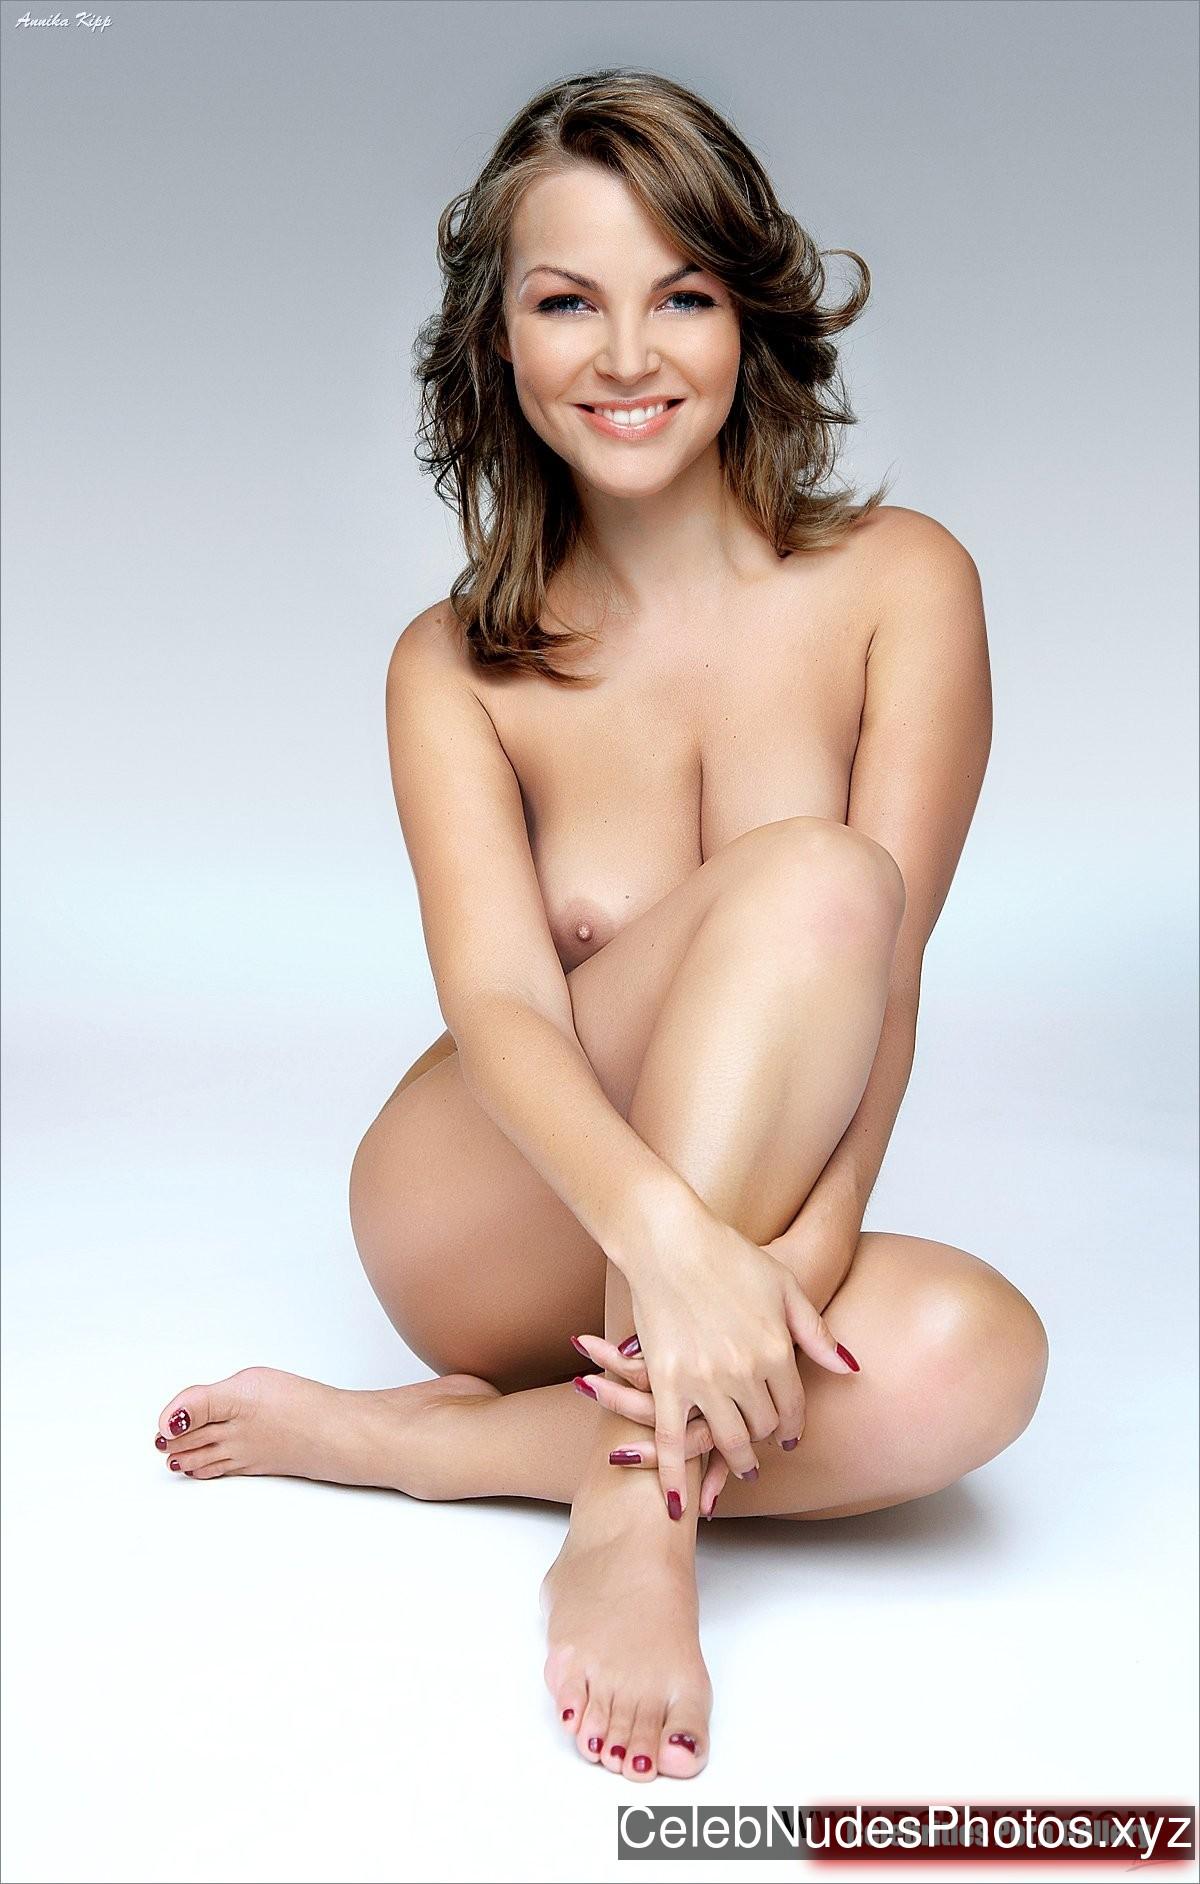 Annika Kipp celebs nude